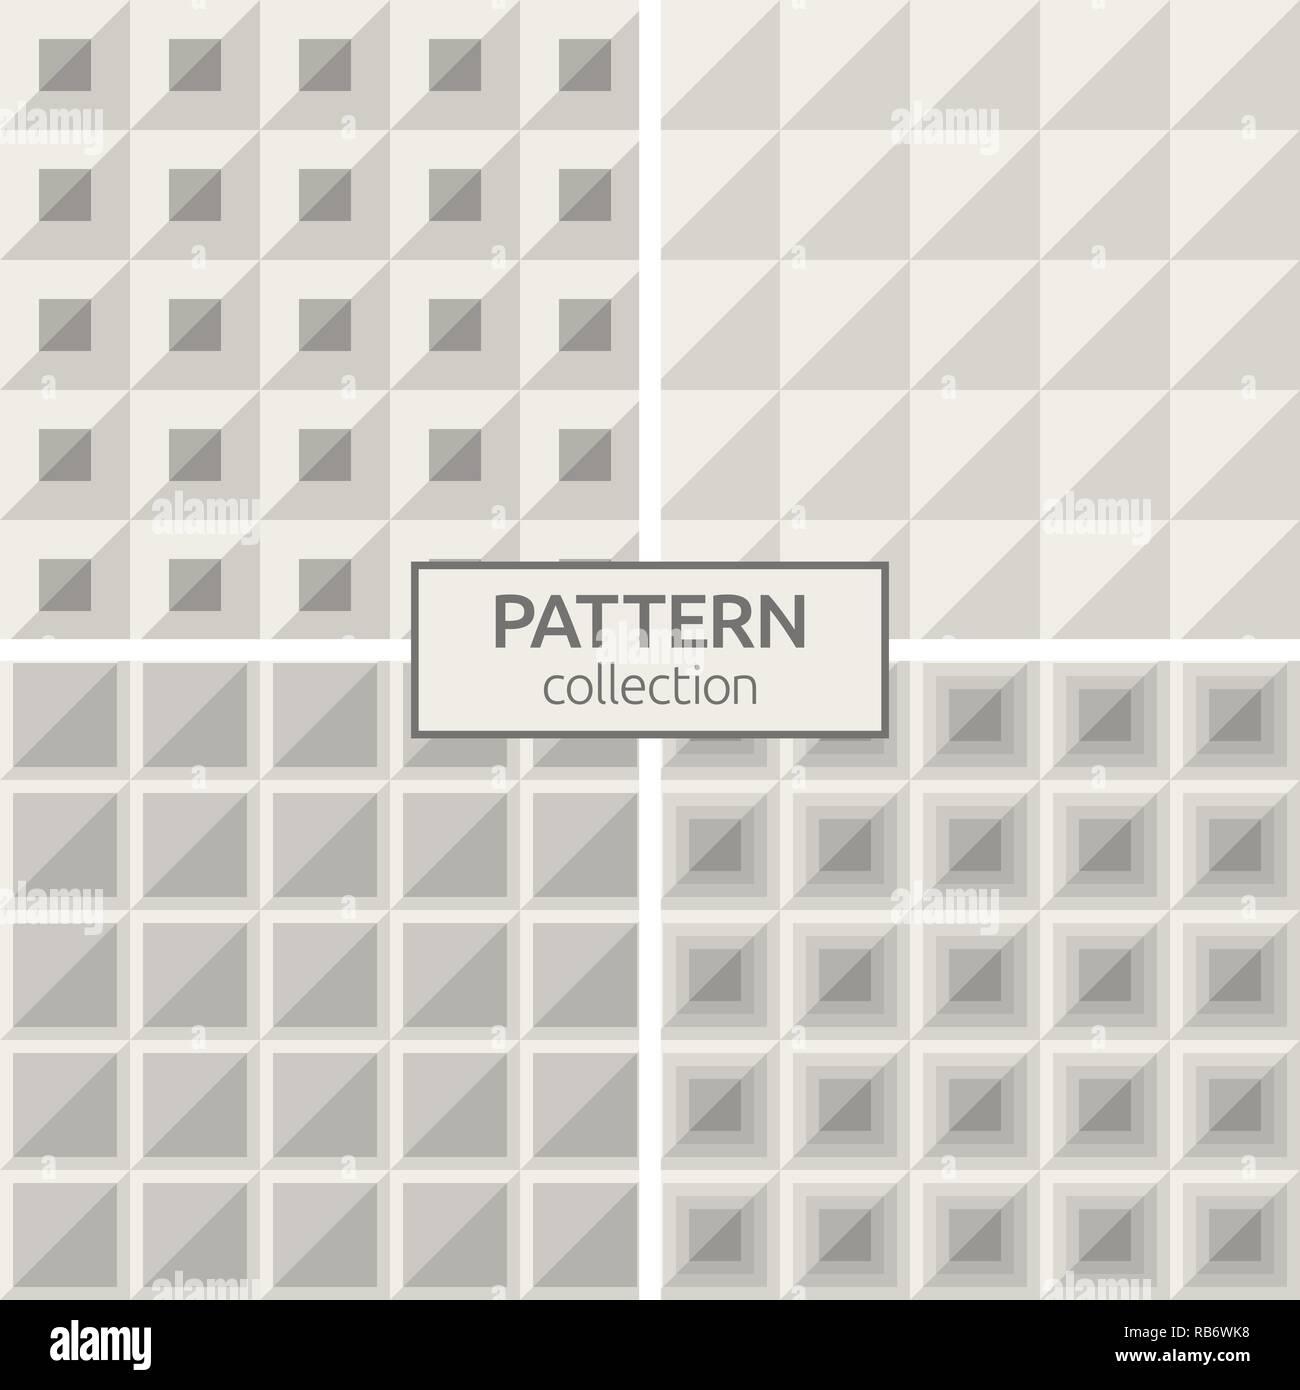 Satz von vier nahtlose Muster. Abstrakte geometrische trendy Vektor Hintergründe. Modernes, stilvolles Texturen. Wiederkehrende geometrische quadratischen Kacheln, Dreiecke. Stockbild